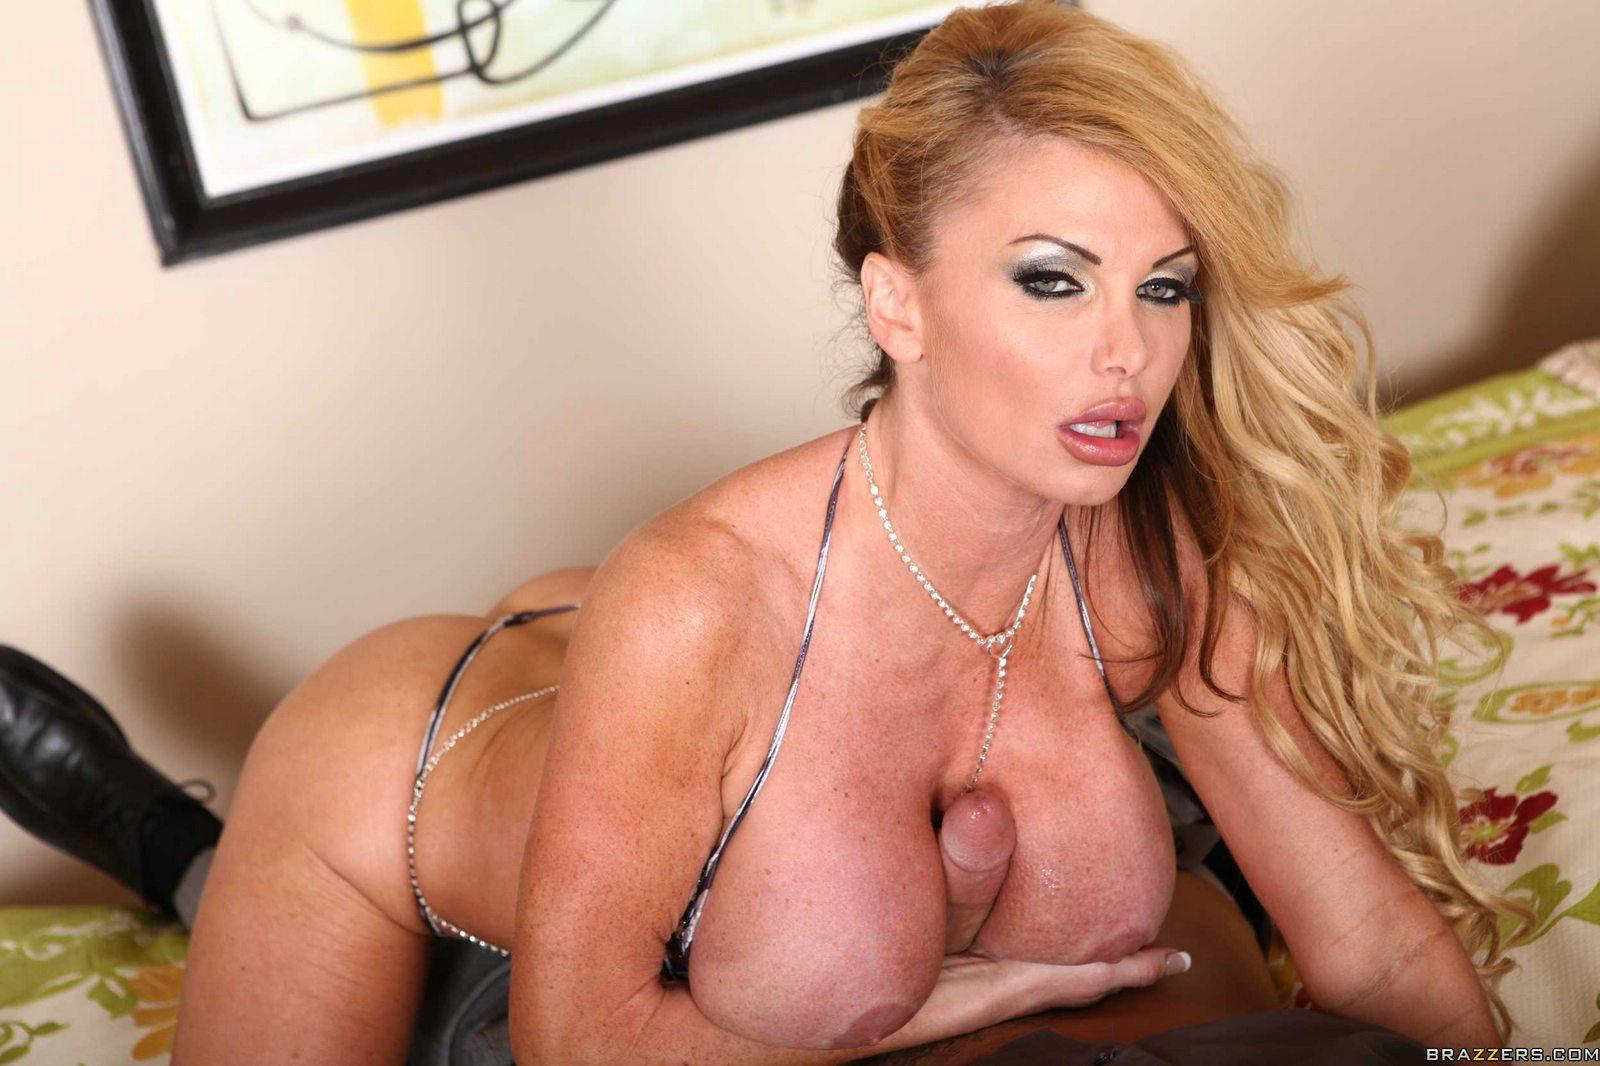 Hot naked girls doing sex